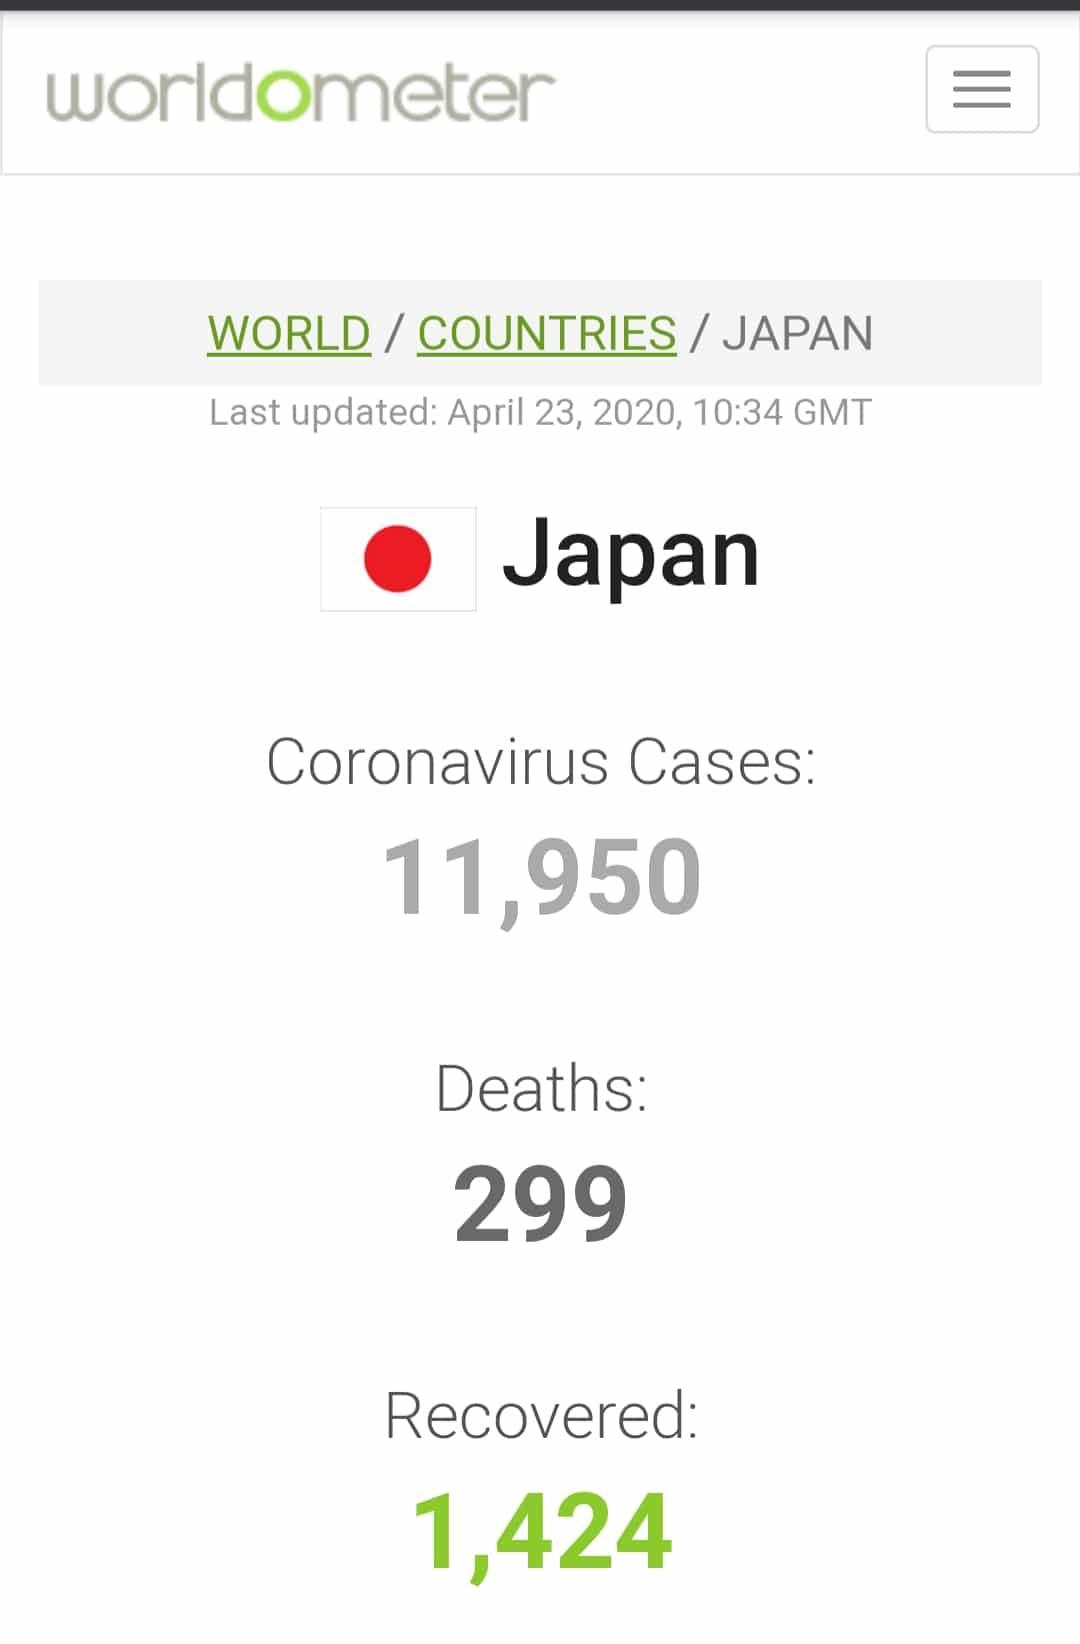 اليابان : عدد الاصابات بوباء كورونا حتلى 23/04/2020